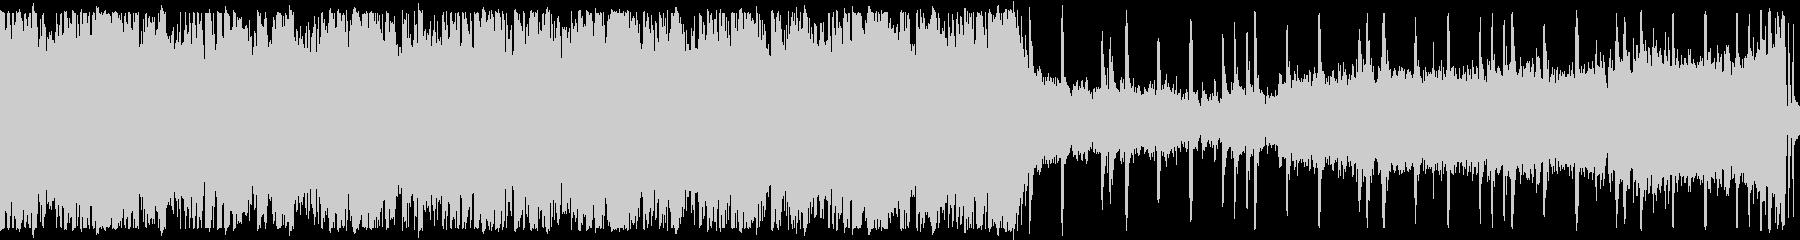 【ループ】迫力クラップ&ストンプアンセムの未再生の波形